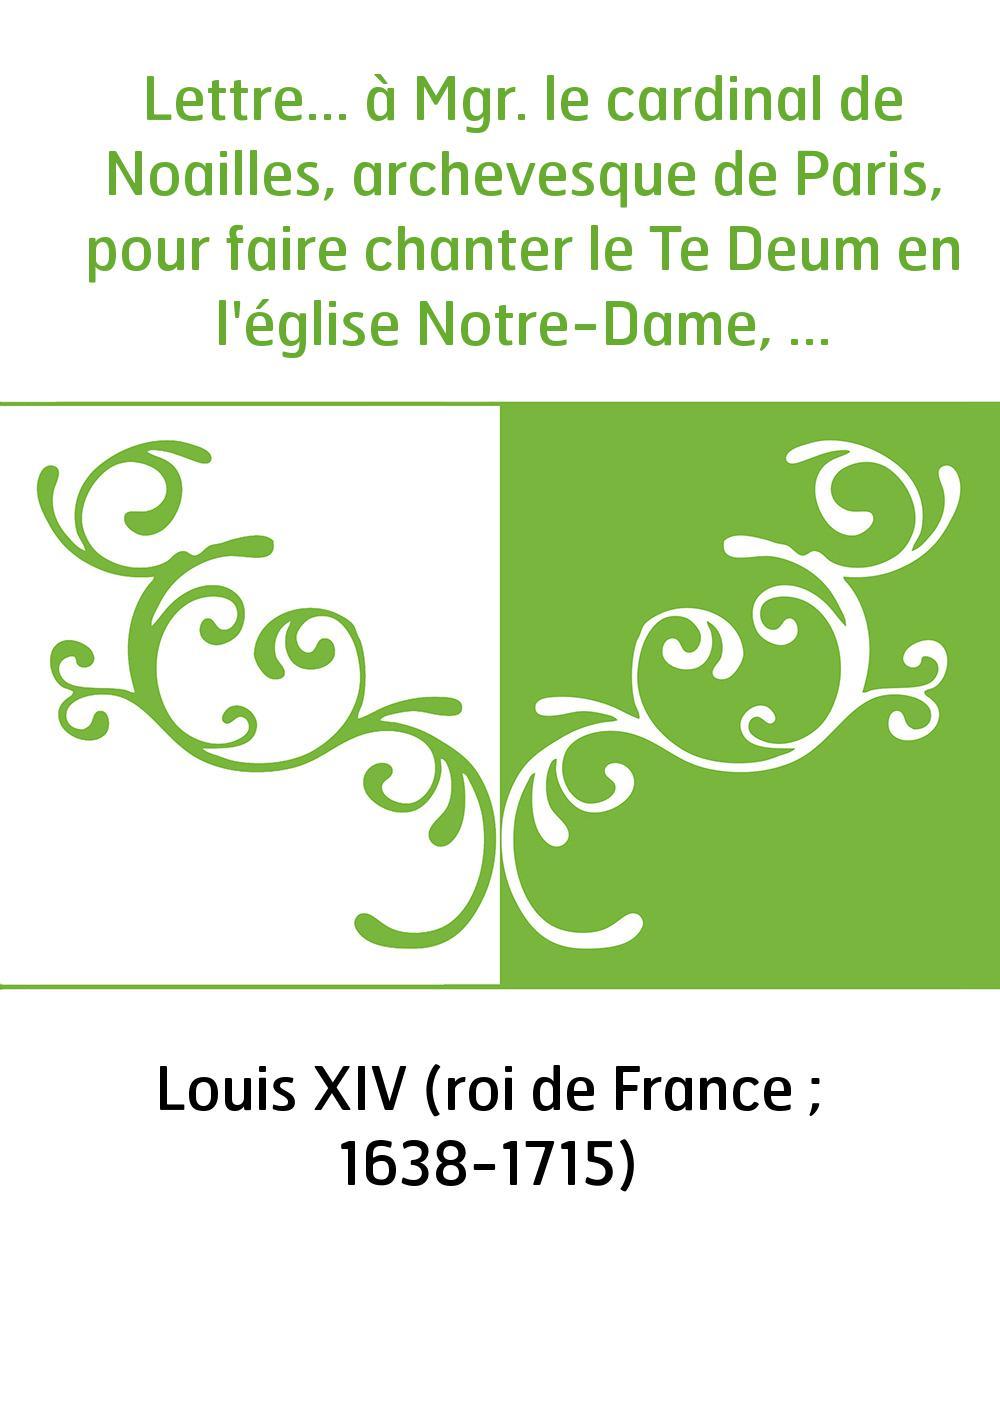 Lettre... à Mgr. le cardinal de Noailles, archevesque de Paris, pour faire chanter le Te Deum en l'église Notre-Dame, en action